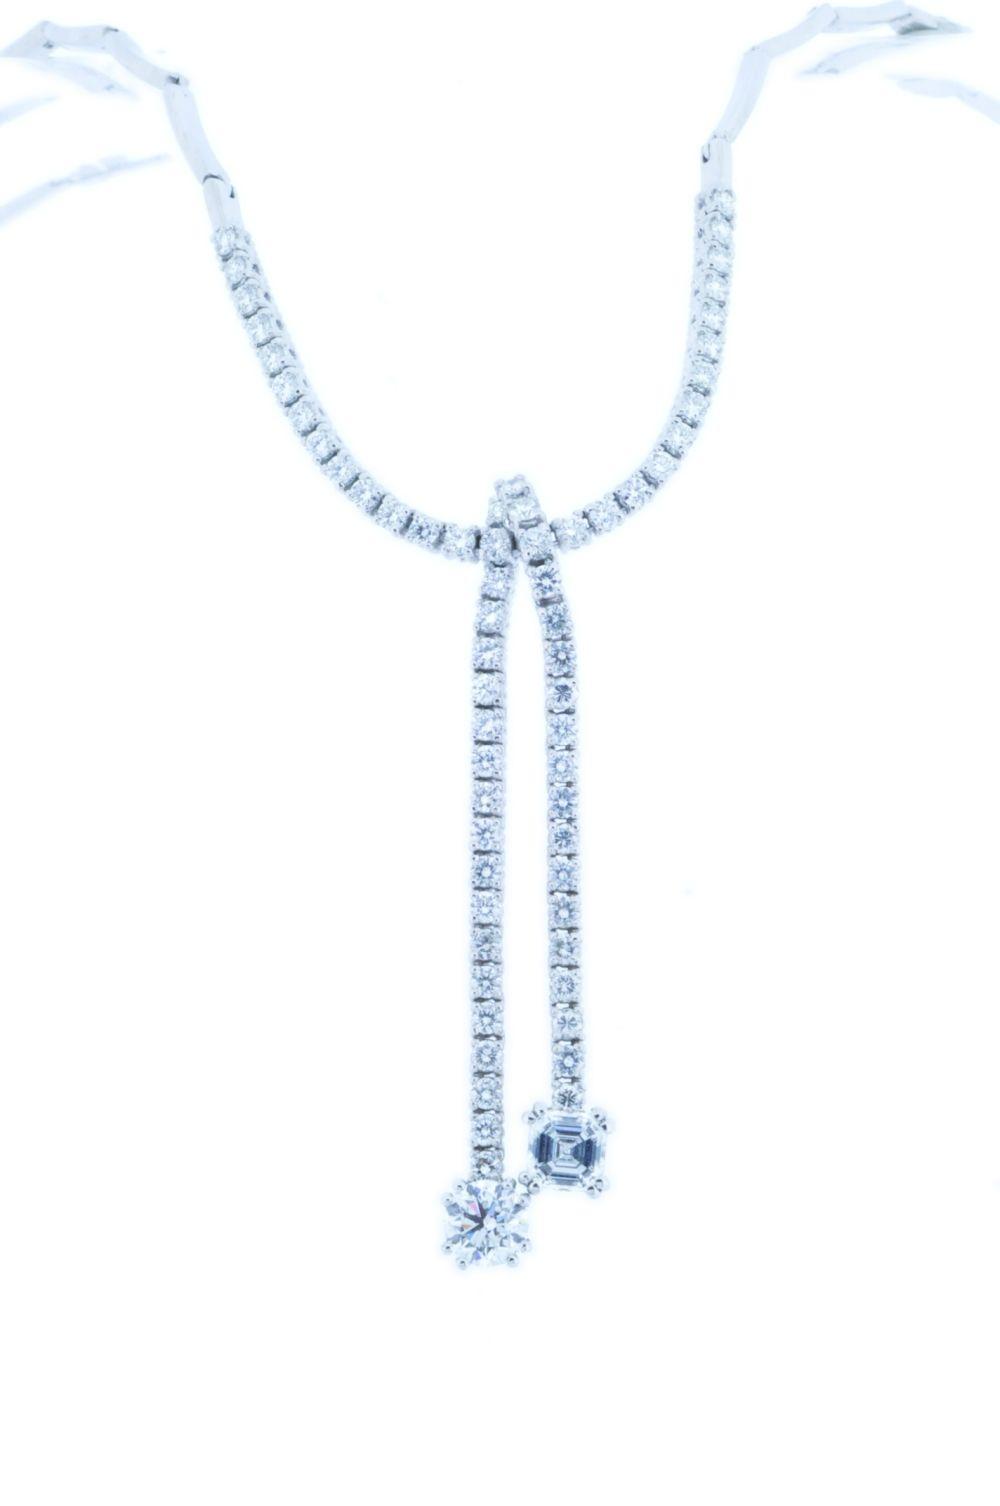 #64 Diamond Necklace | Diamantcollier Image